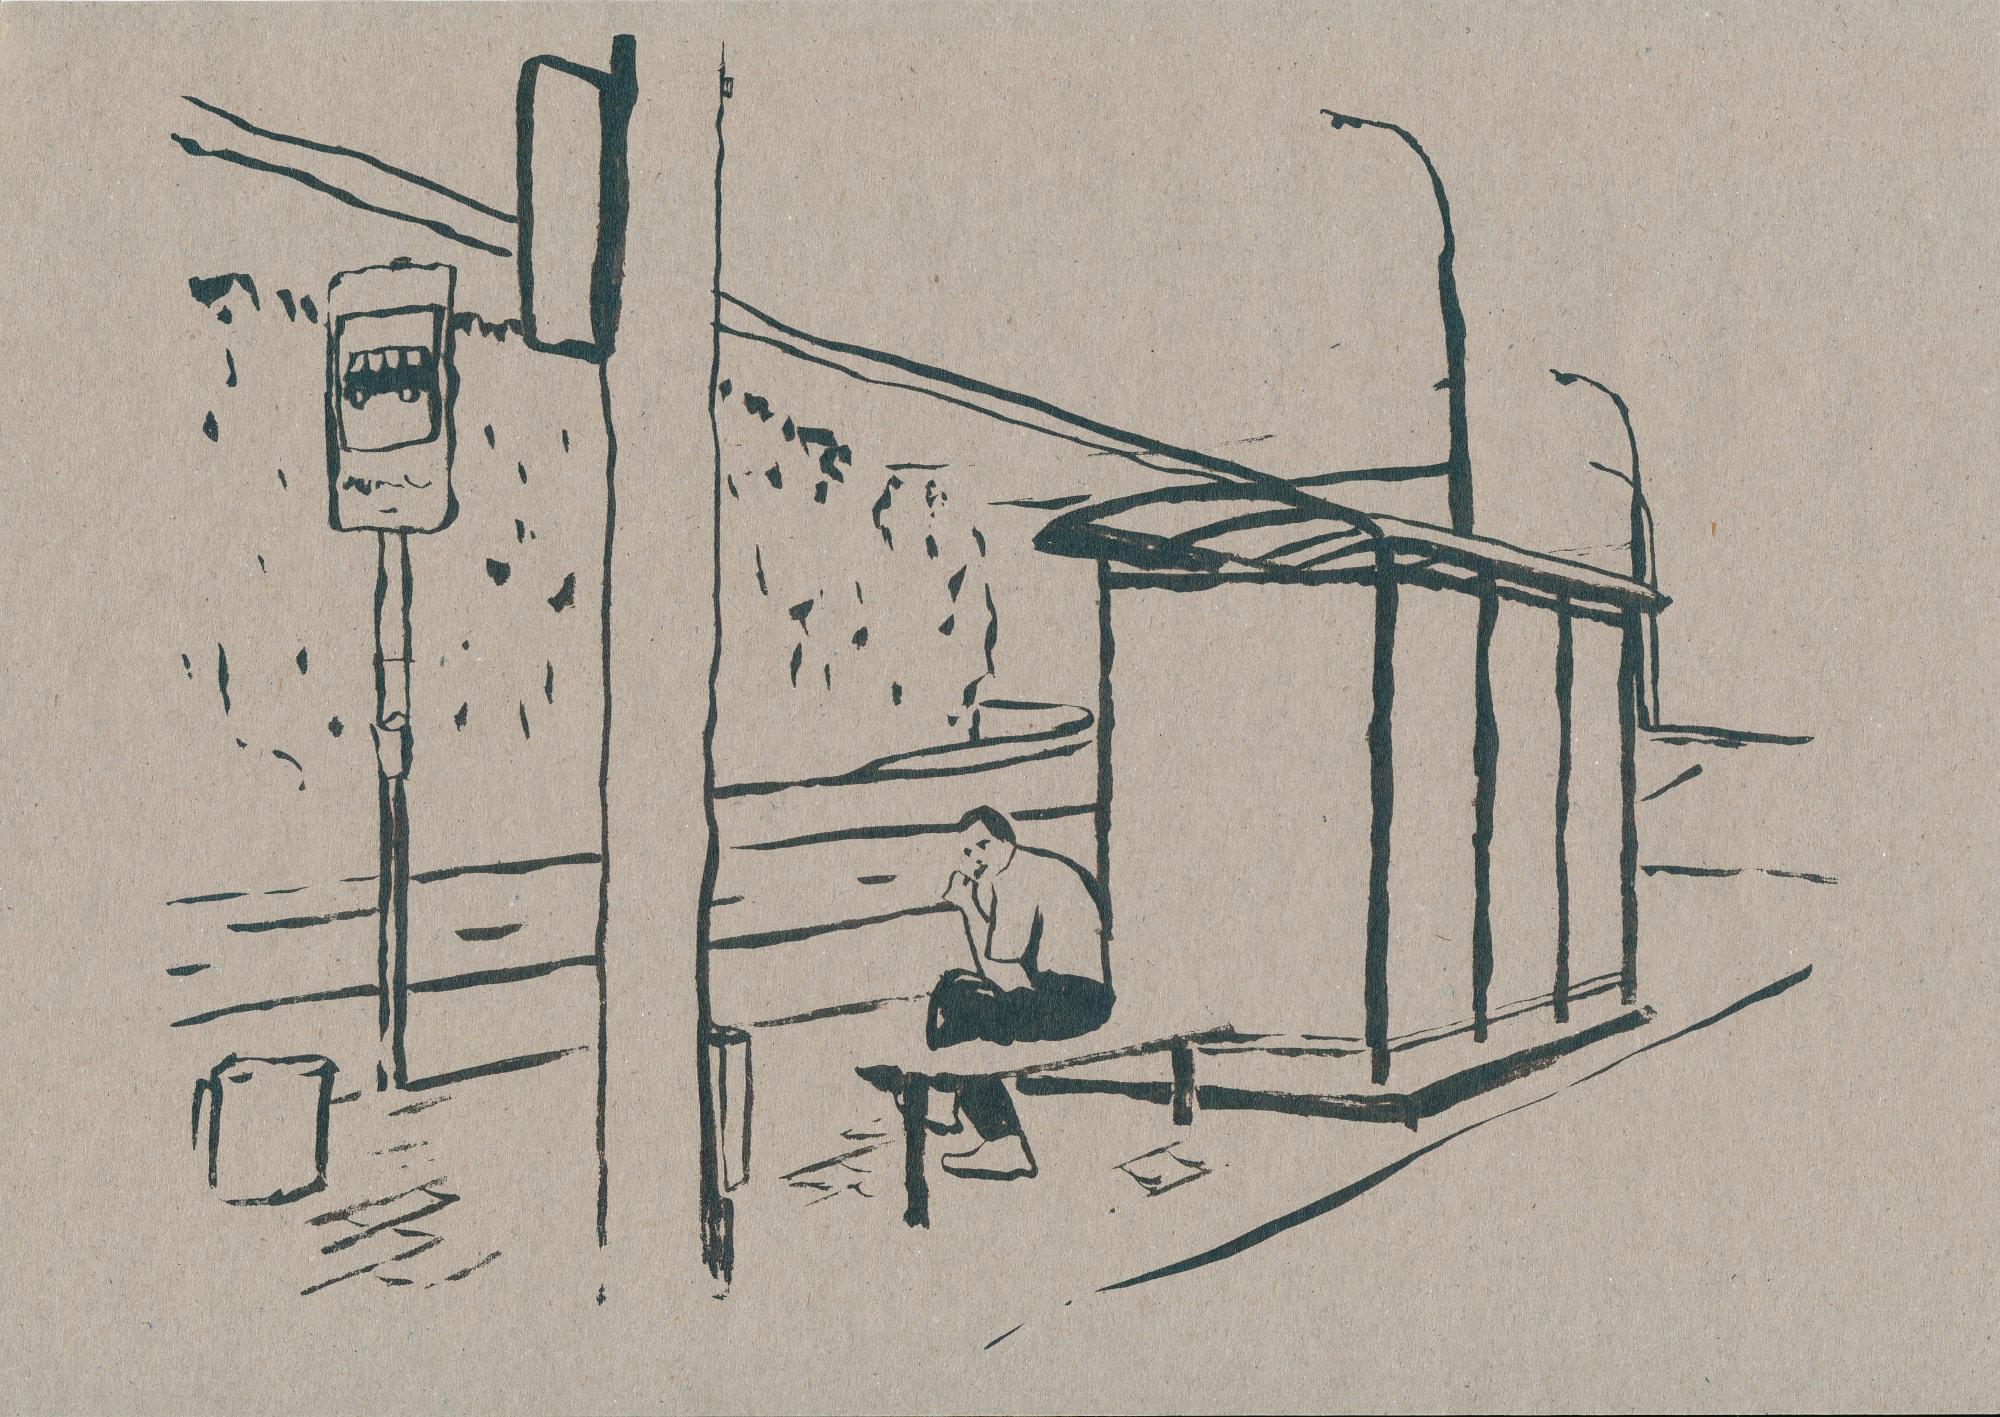 Druck, Siebdruck auf Holz, 42cm x 30cm, Mann sitzt an Haltestelle, artist: Franziska King